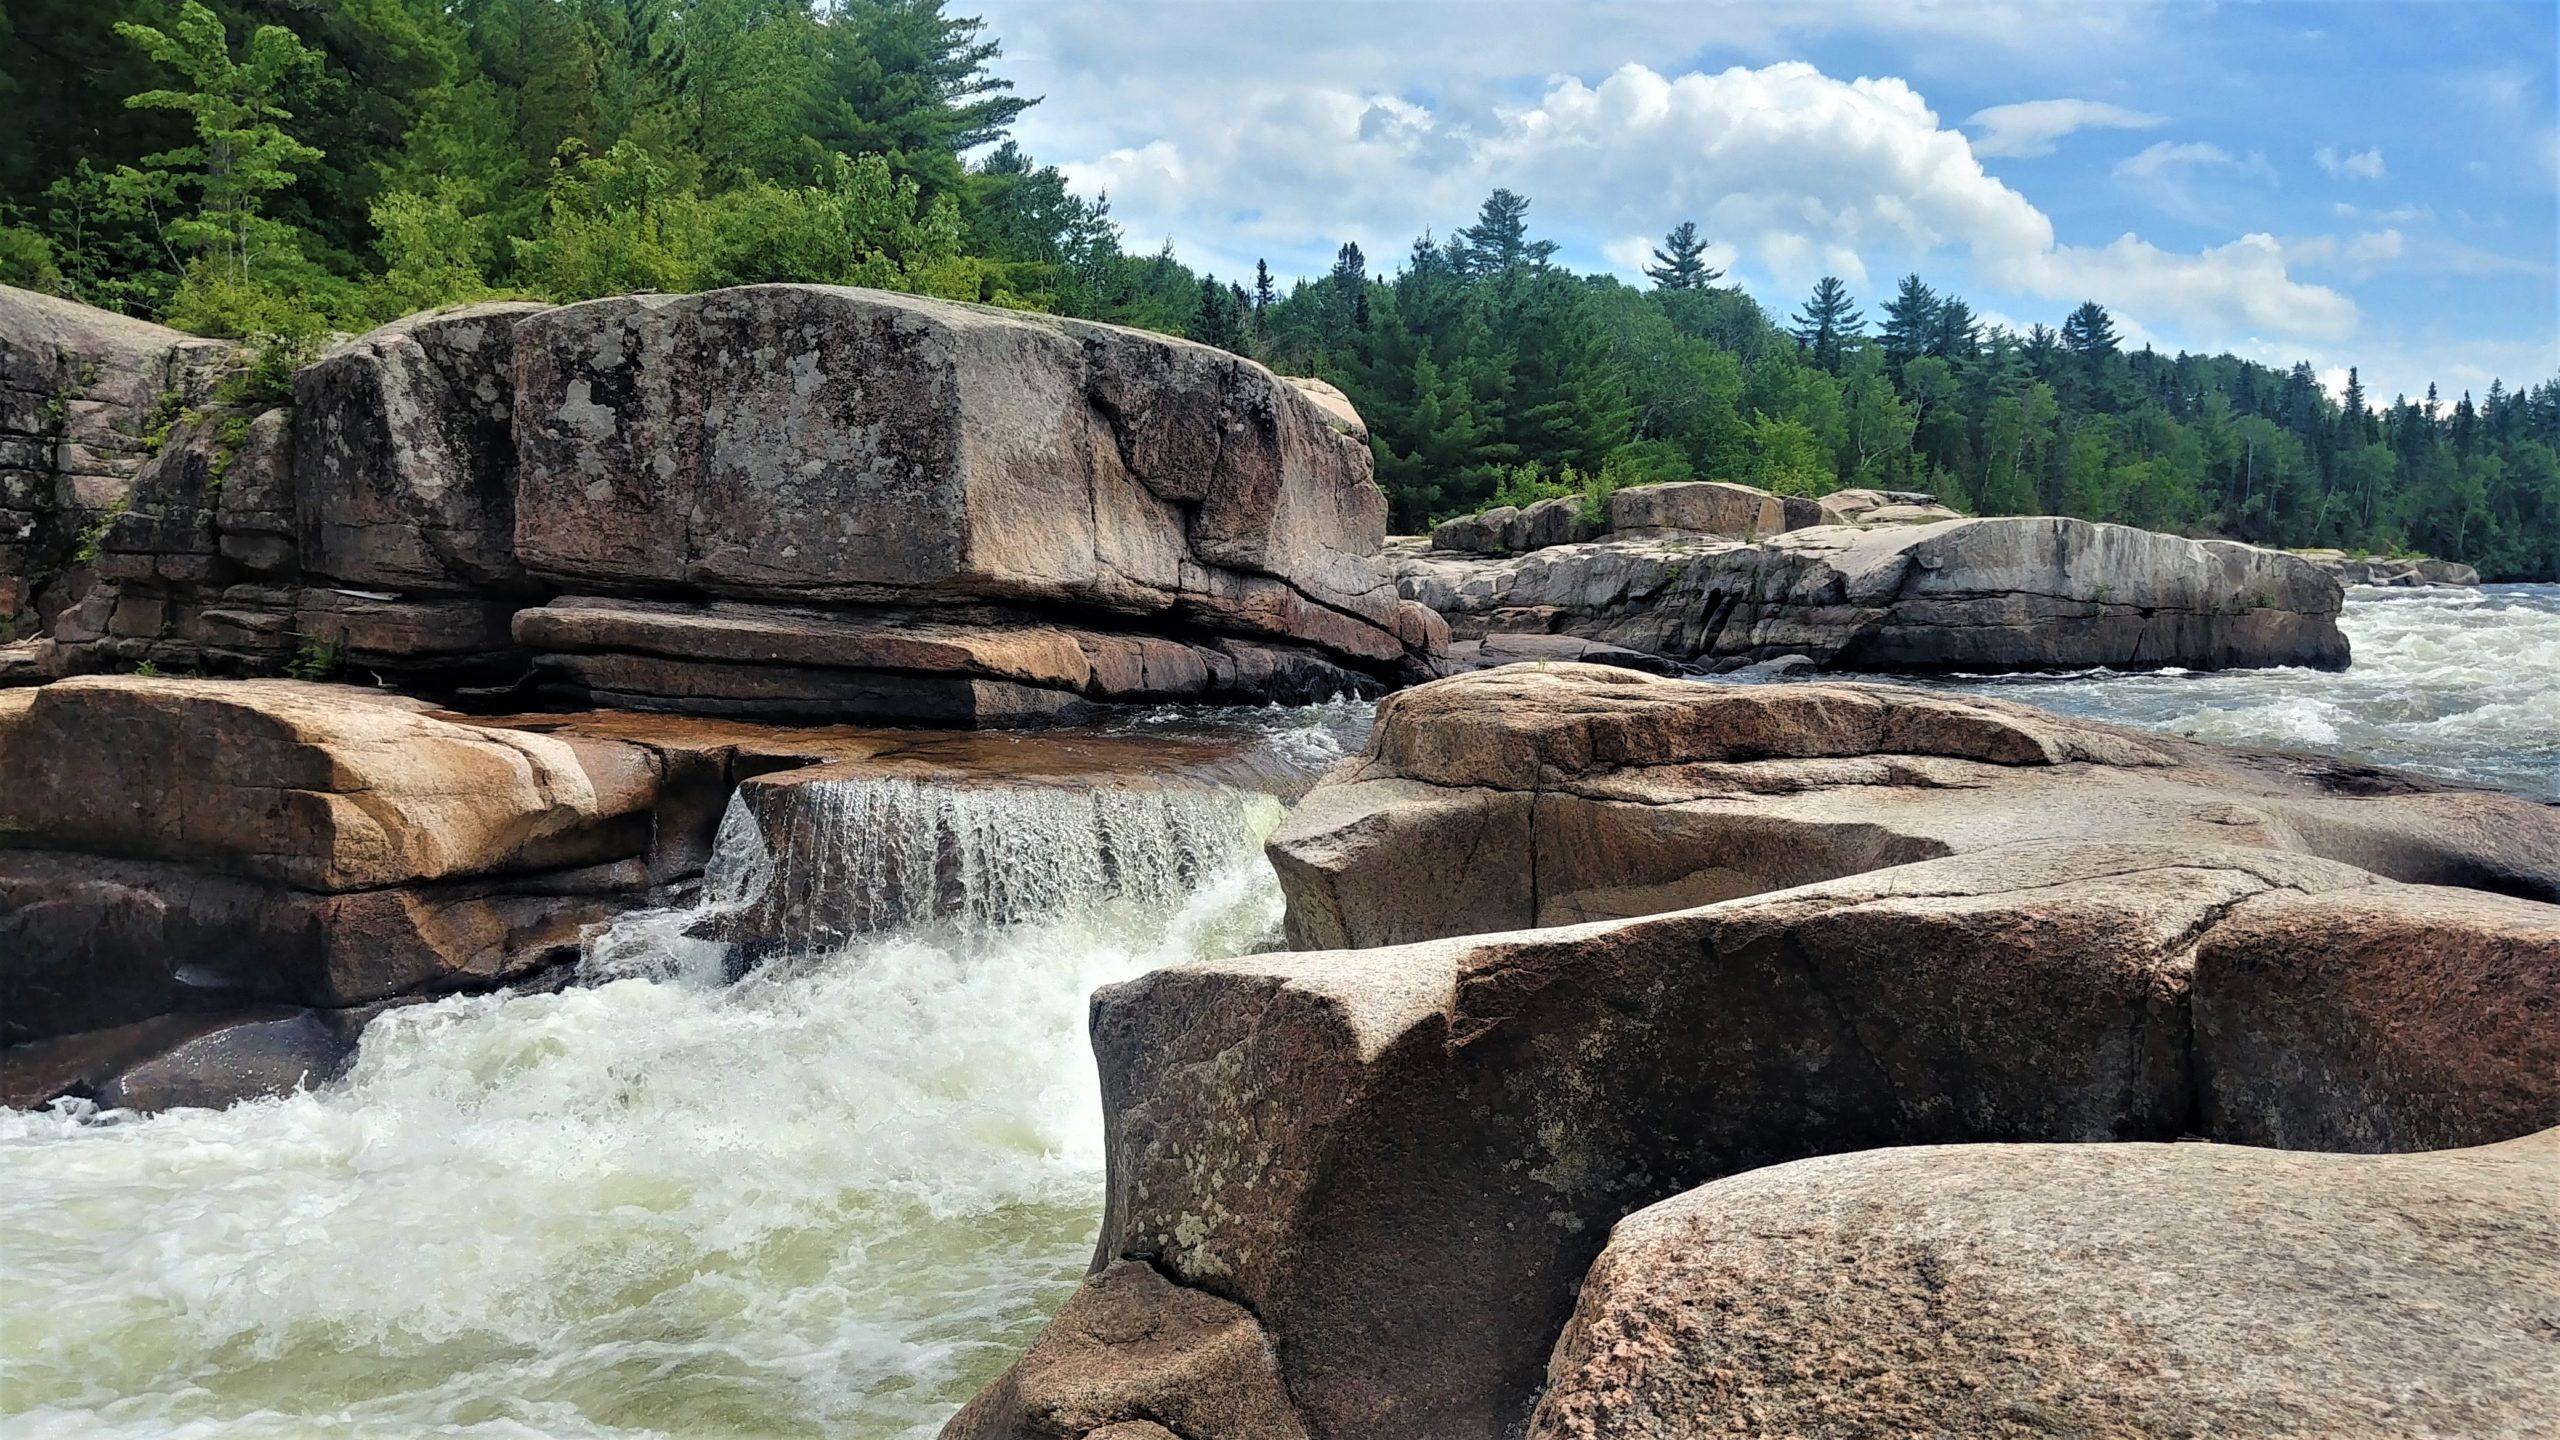 Bathurst chutes Pabineau randonnée région Chaleur blog voyage Nouveau-Brunswick